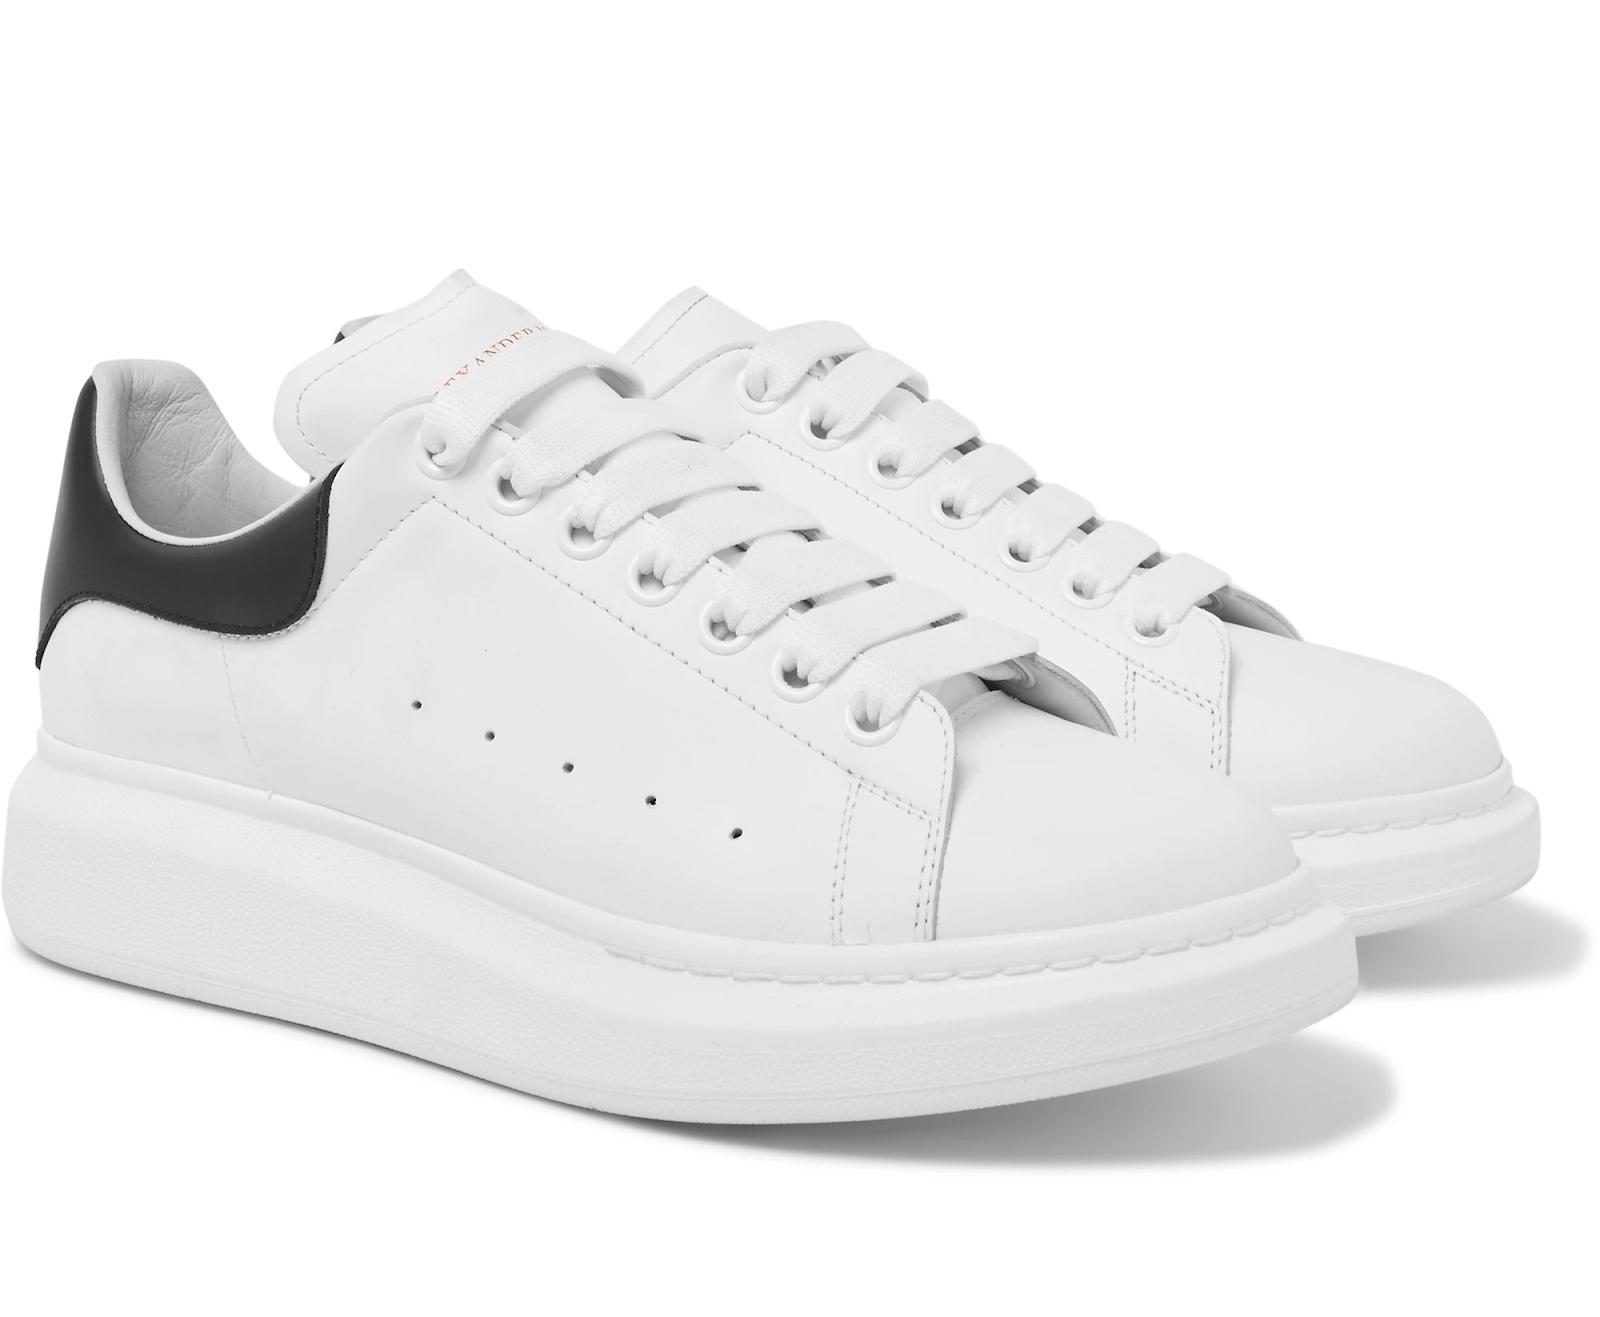 Aleaxander mcqueen sneaker có độ bền cao nhờ sử dụng chất liệu cao cấp